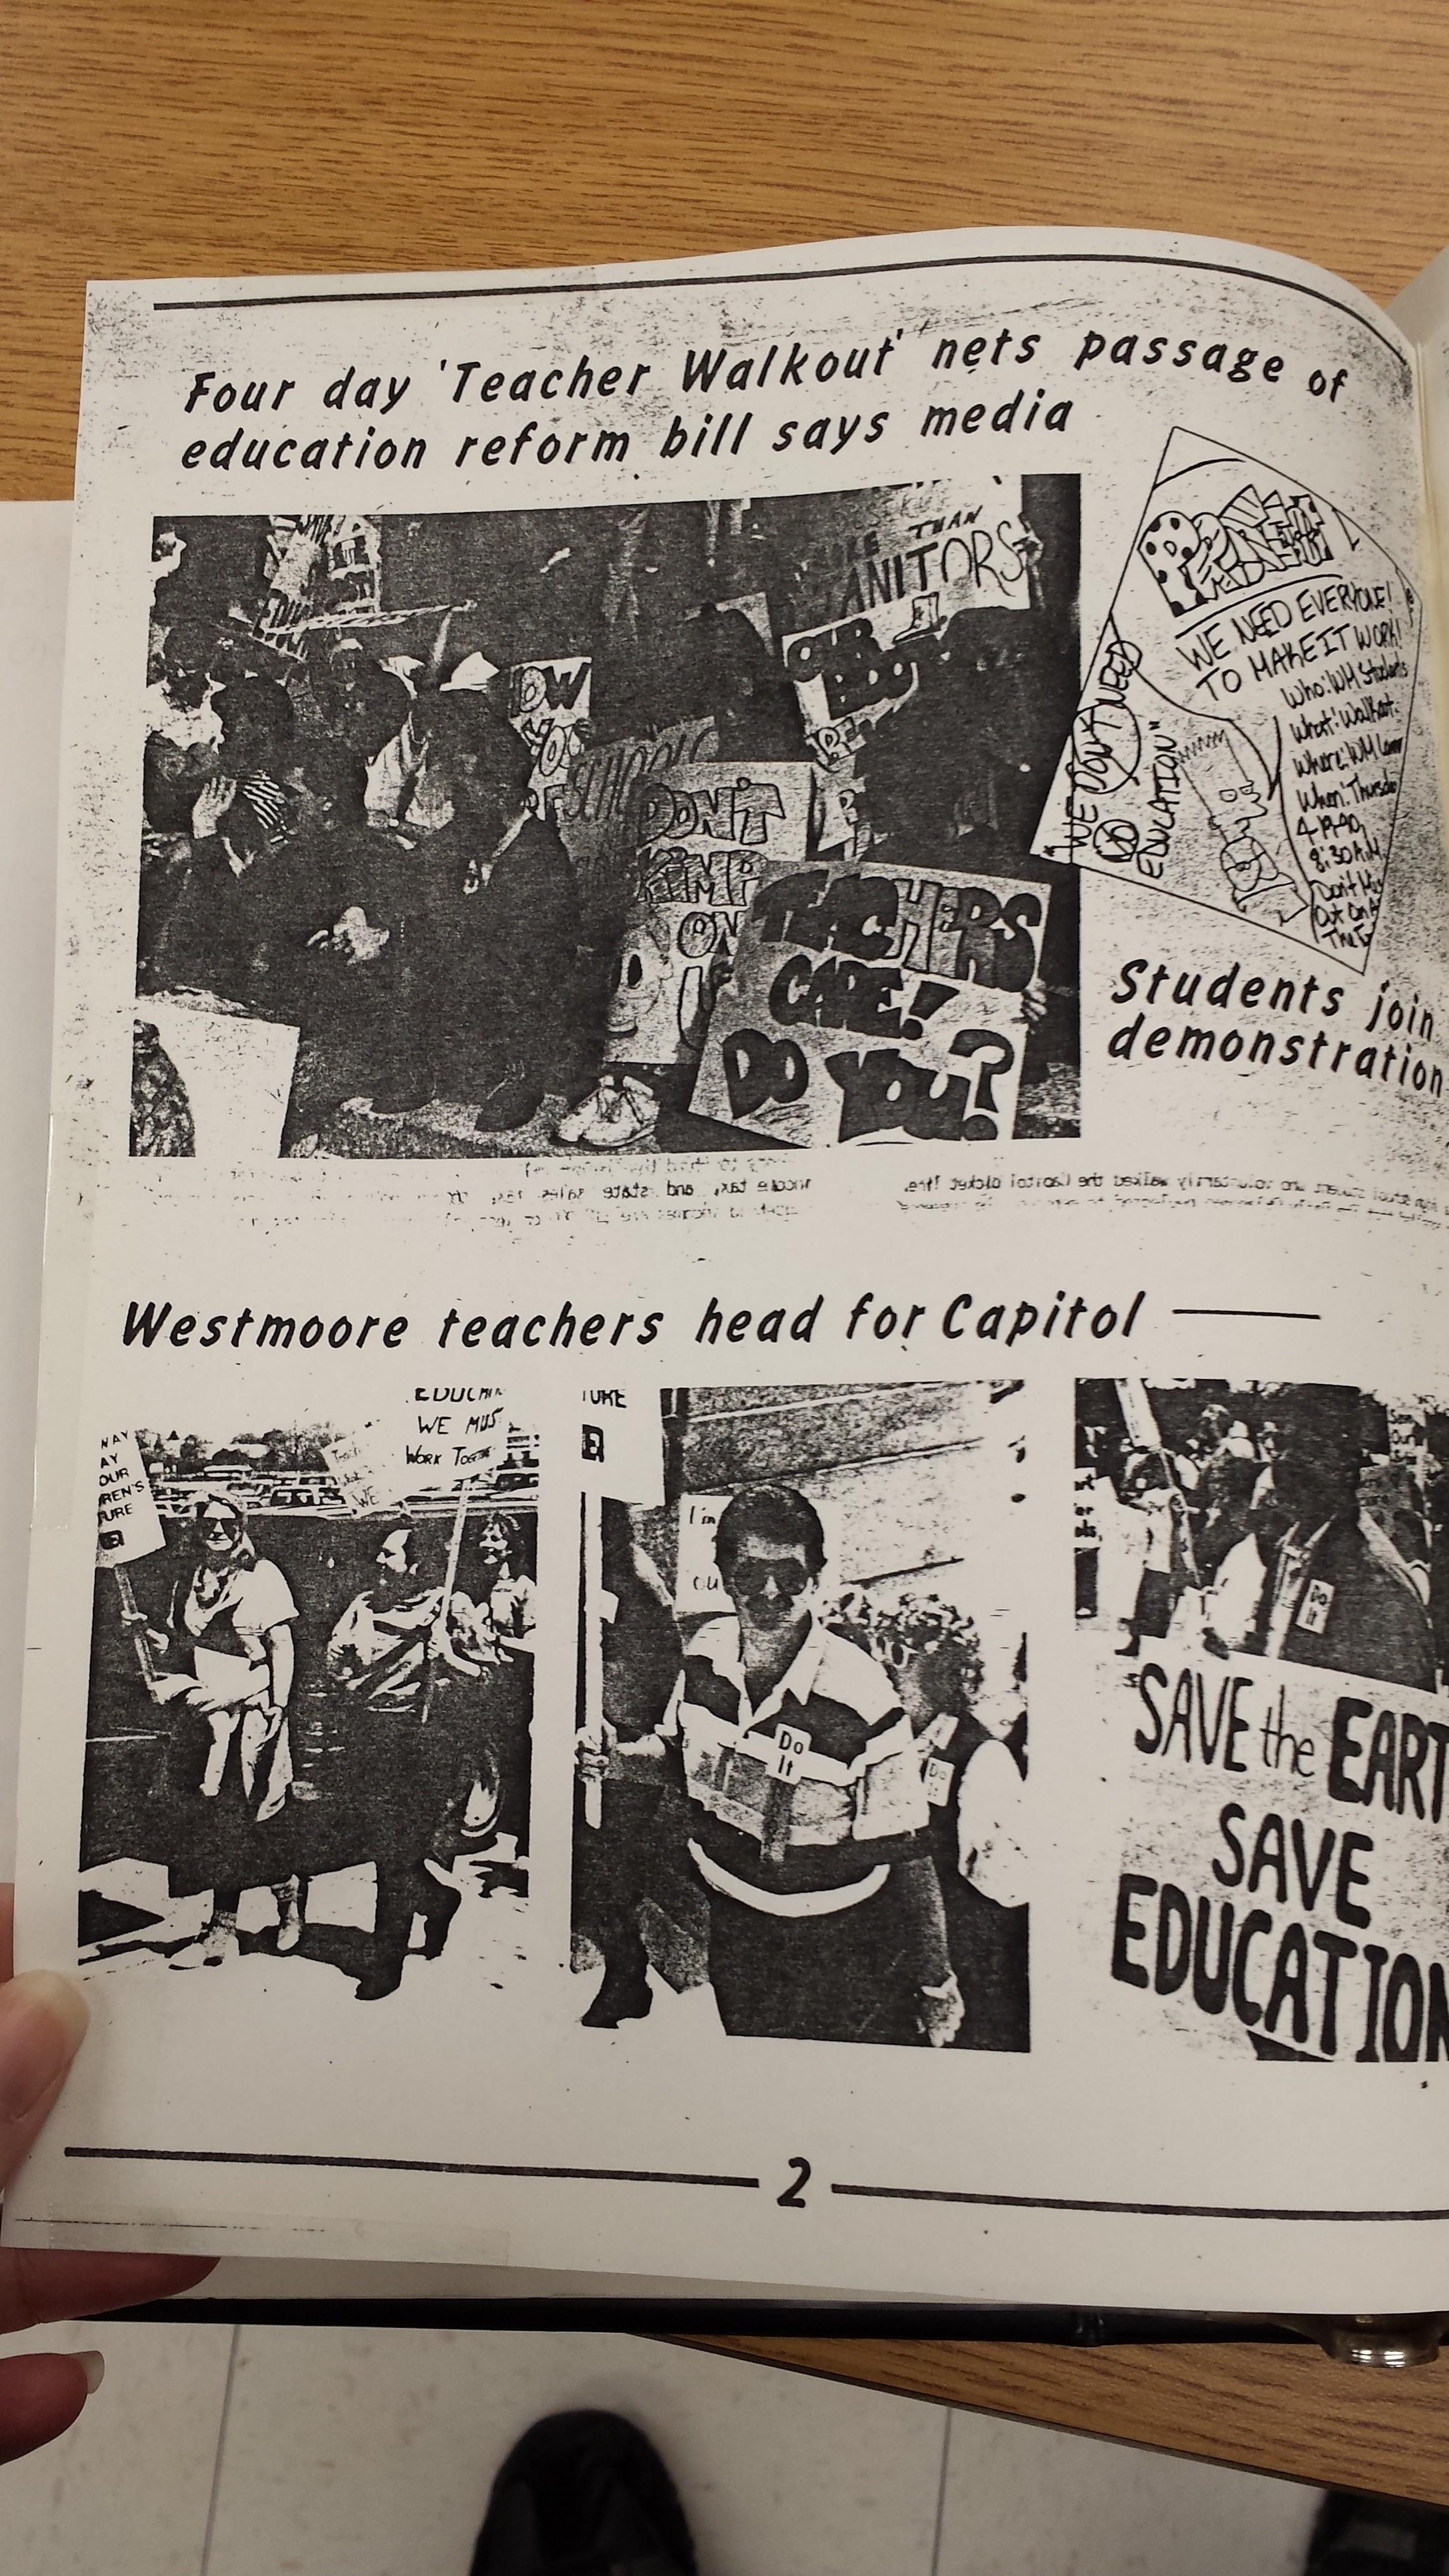 1990 Oklahoma education rally